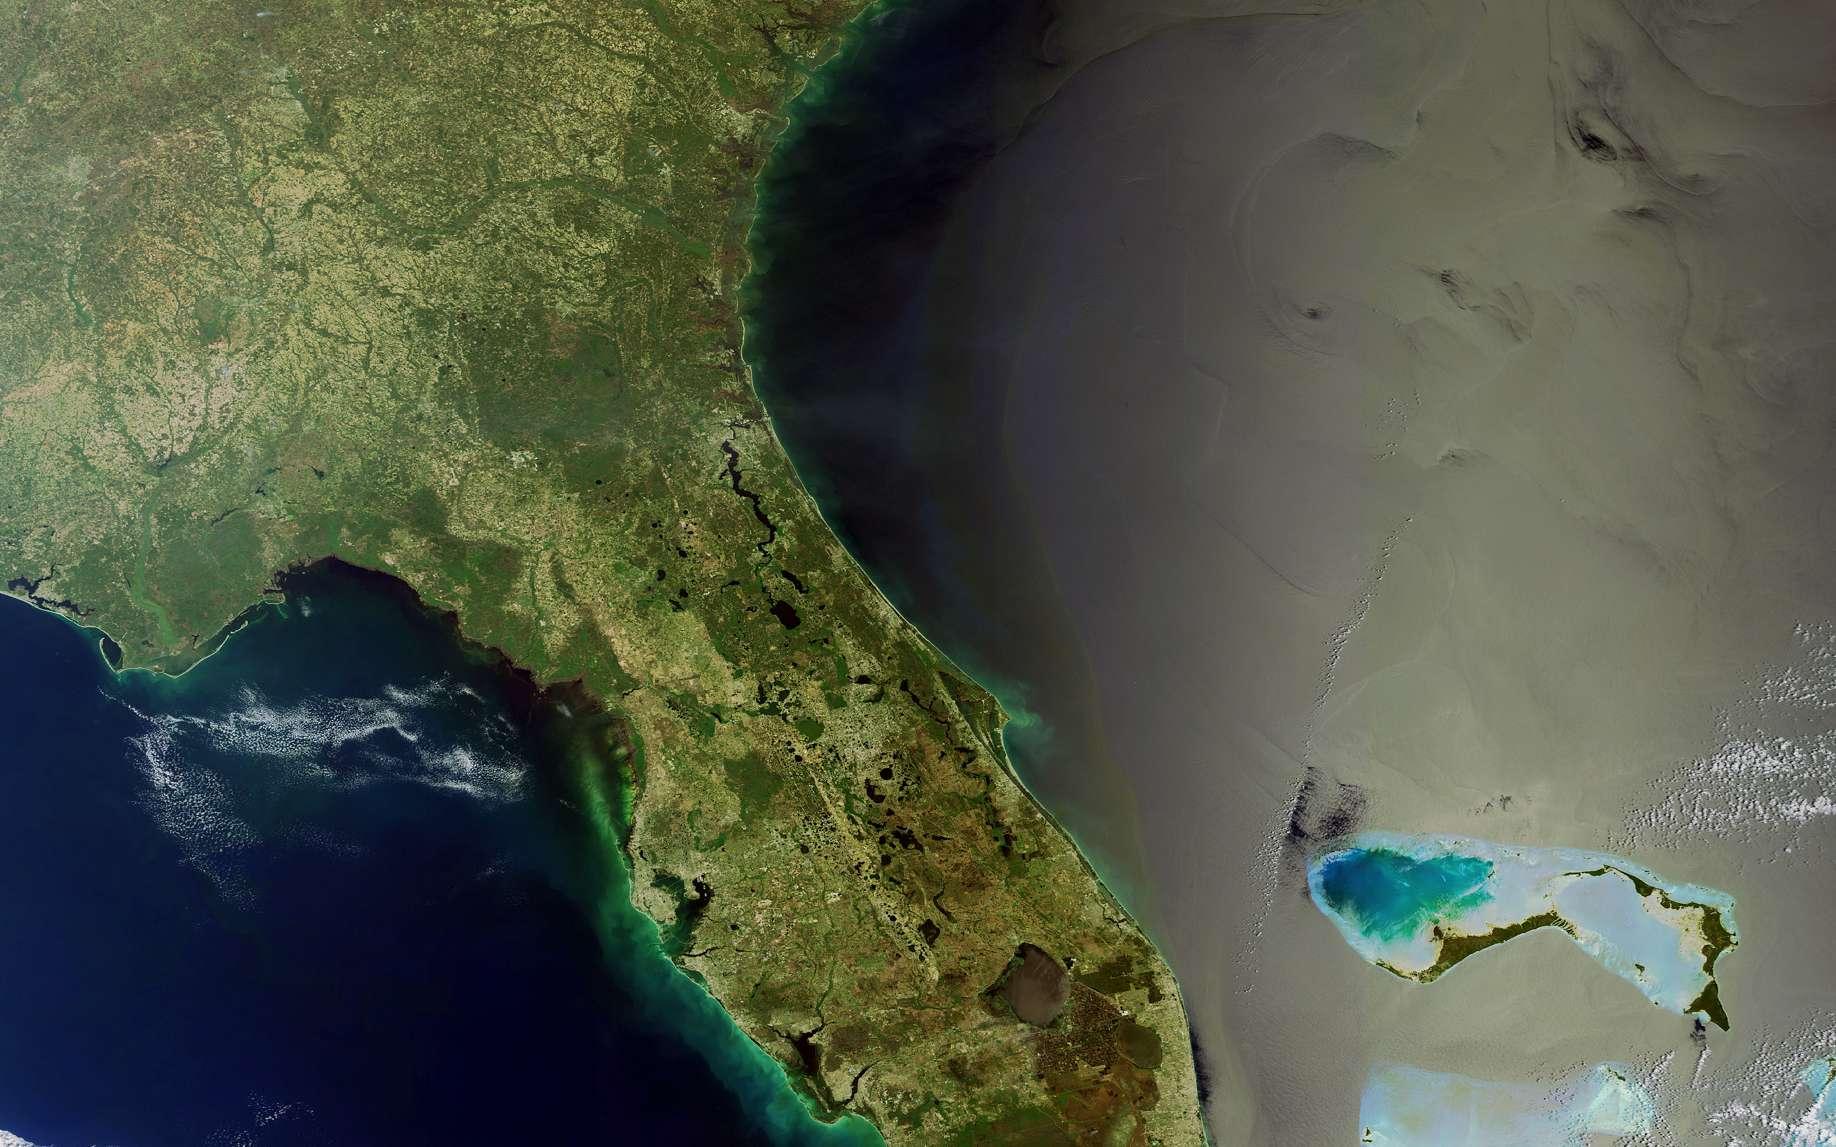 La Floride vue par Envisat. L'archipel des Keys prolonge la côte vers le sud-ouest (le vert émeraude signale les faibles profondeurs). Le golfe du Mexique est à gauche et l'Atlantique à droite, avec, bien visibles, quelques îles des Bahamas. A cet endroit, le courant se dirige vers l'est pour rejoindre le Gulf Stream. © Esa